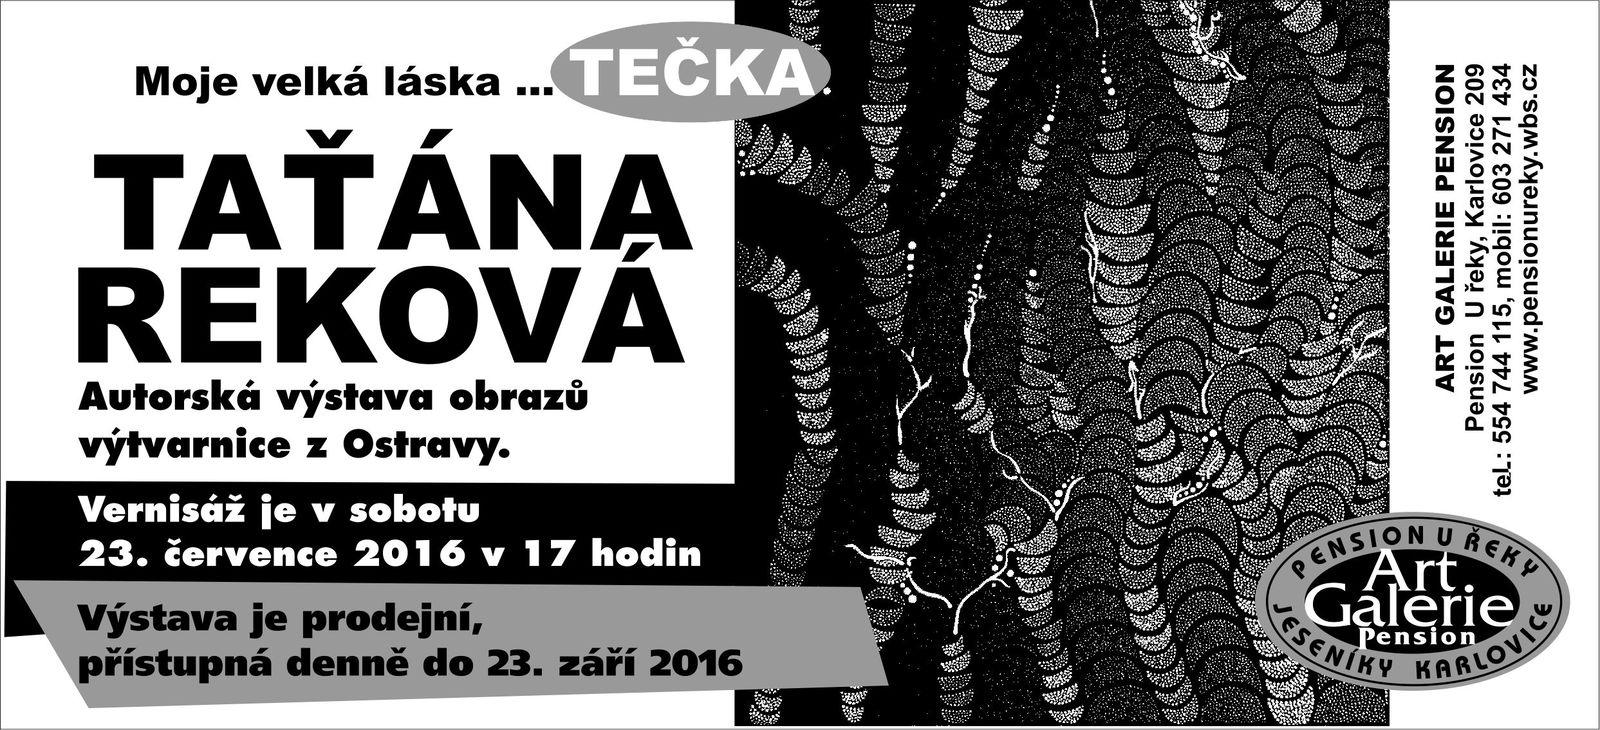 Pozvánka Reková.jpg